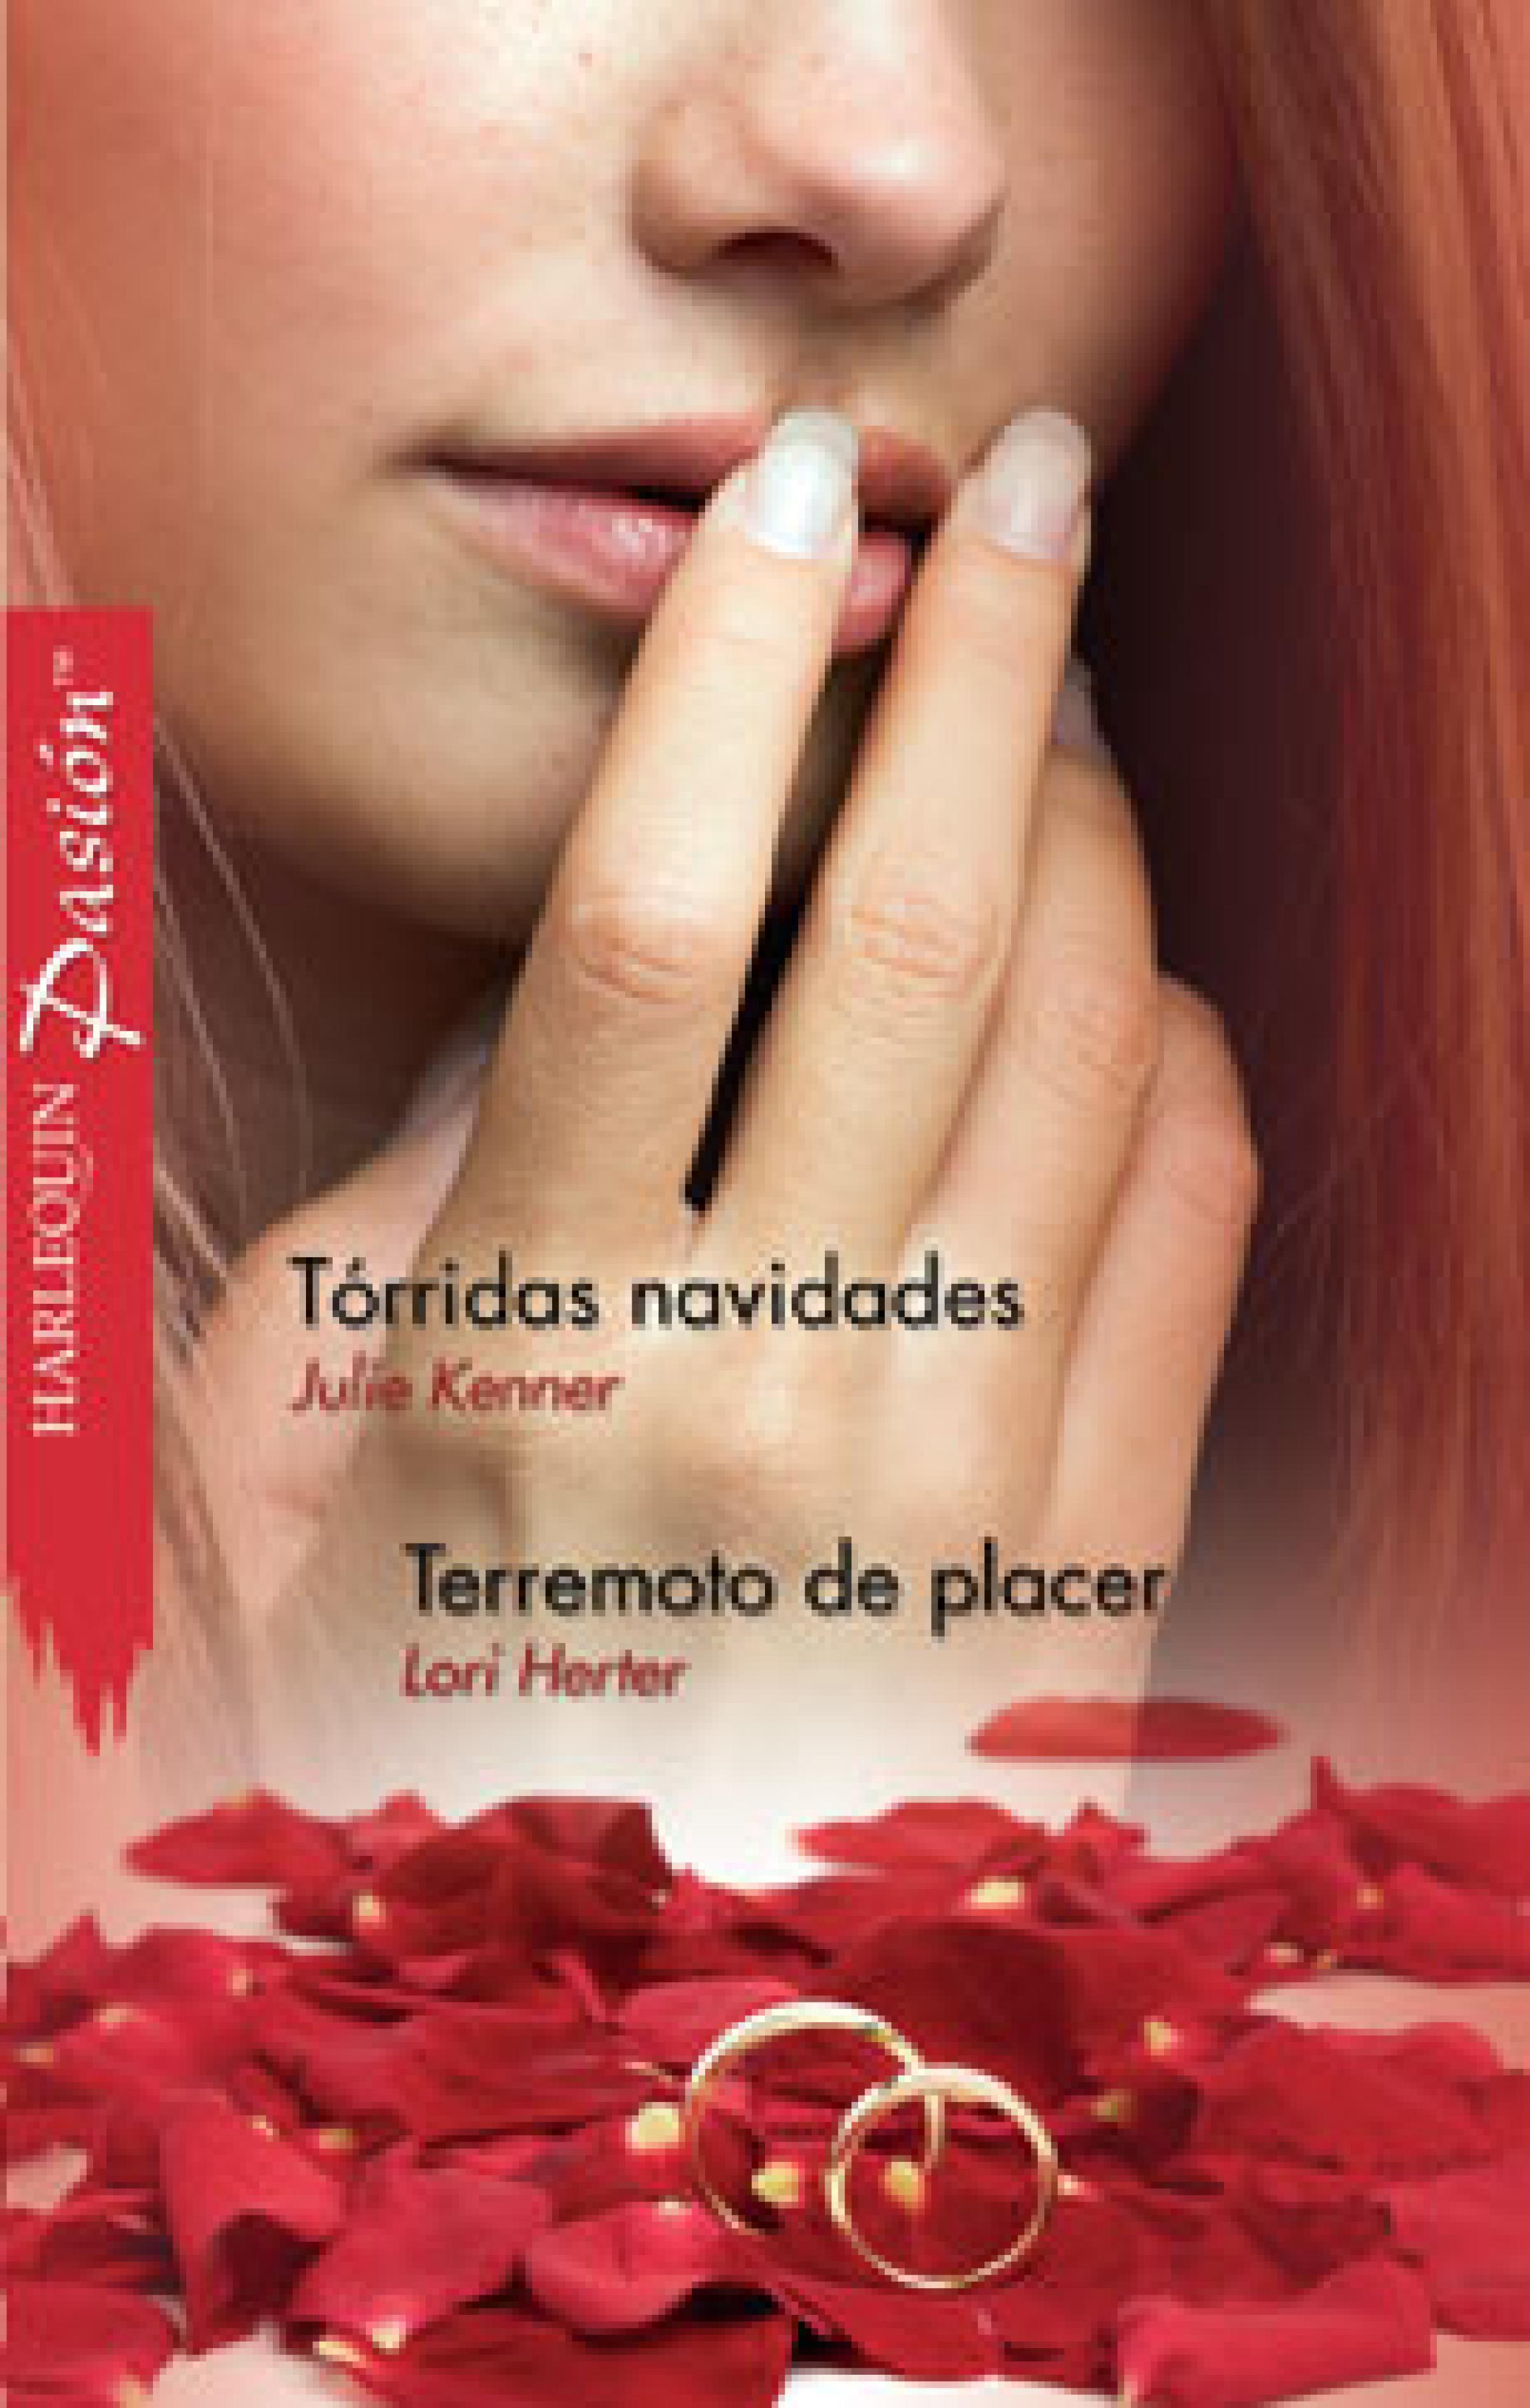 Джулия Кеннер Tórridas Navidades - Terremoto de placer т а кеннер символы и их скрытые значения